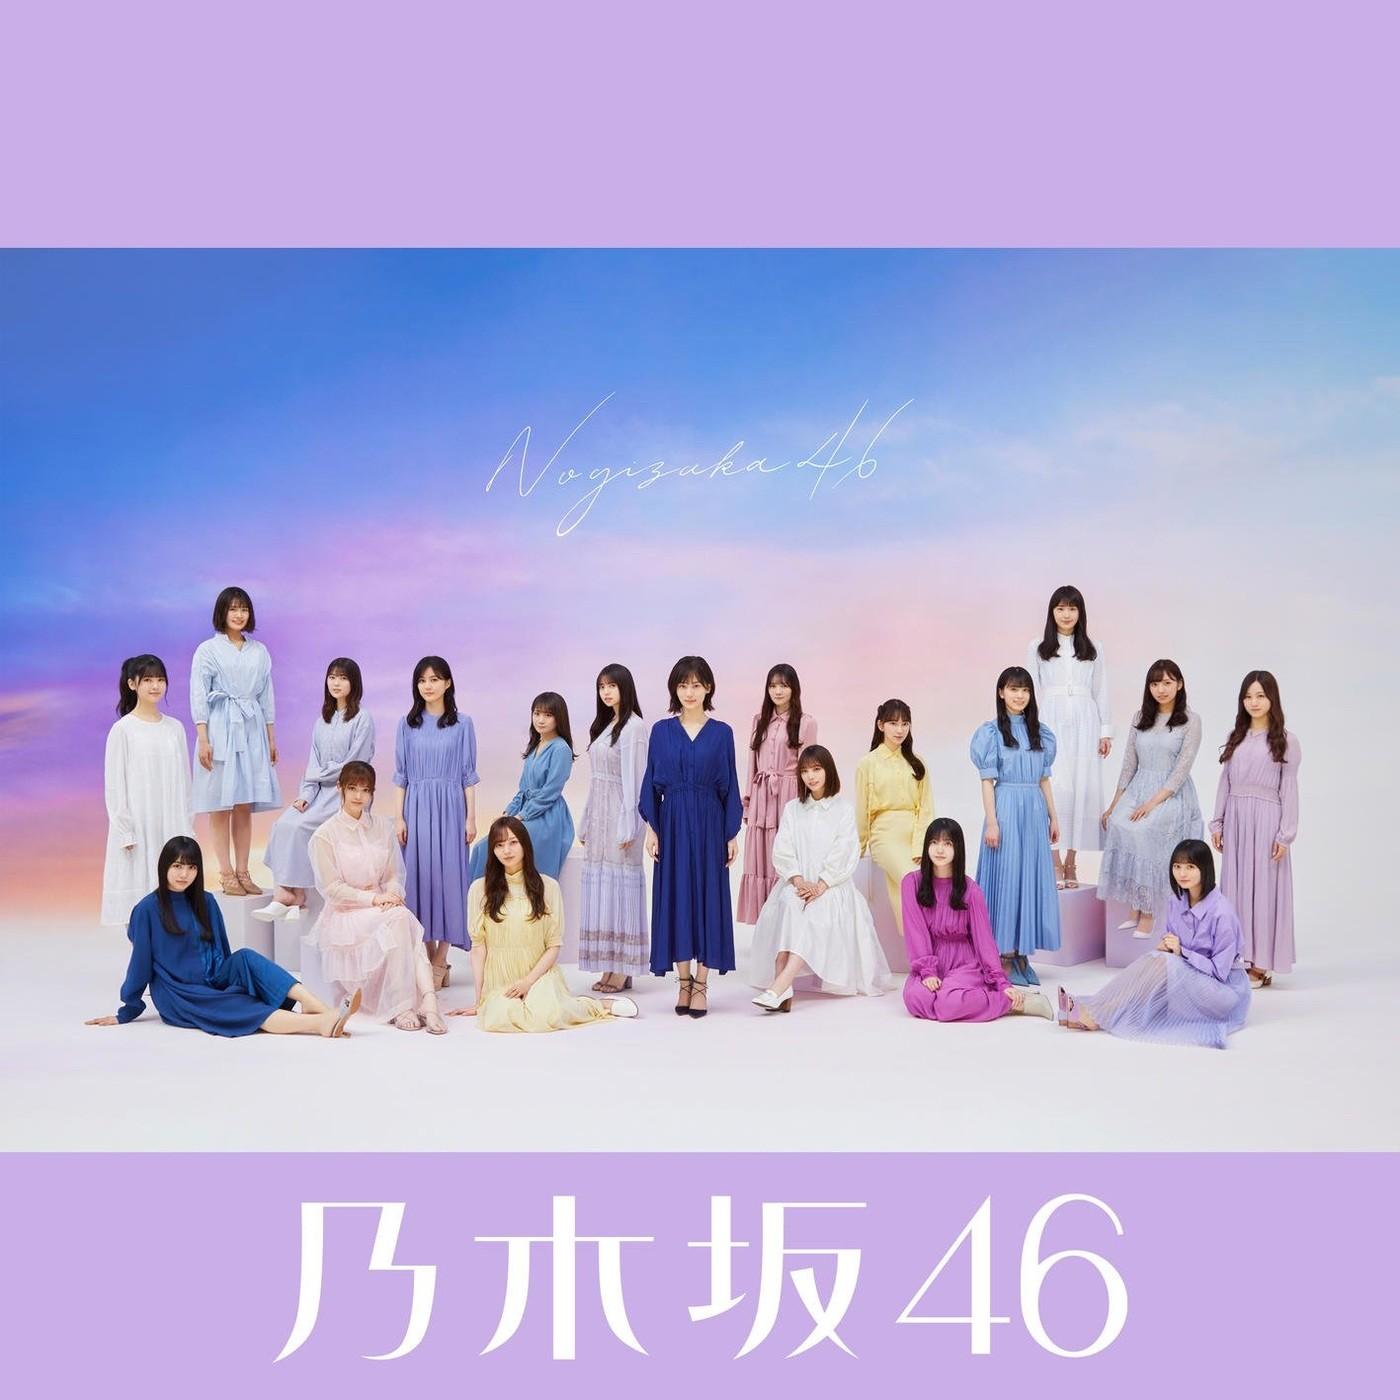 乃木坂46 (Nogizaka46) – 僕は僕を好きになる (Special Edition) [FLAC + MP3 320 / WEB]  [2021.01.27]